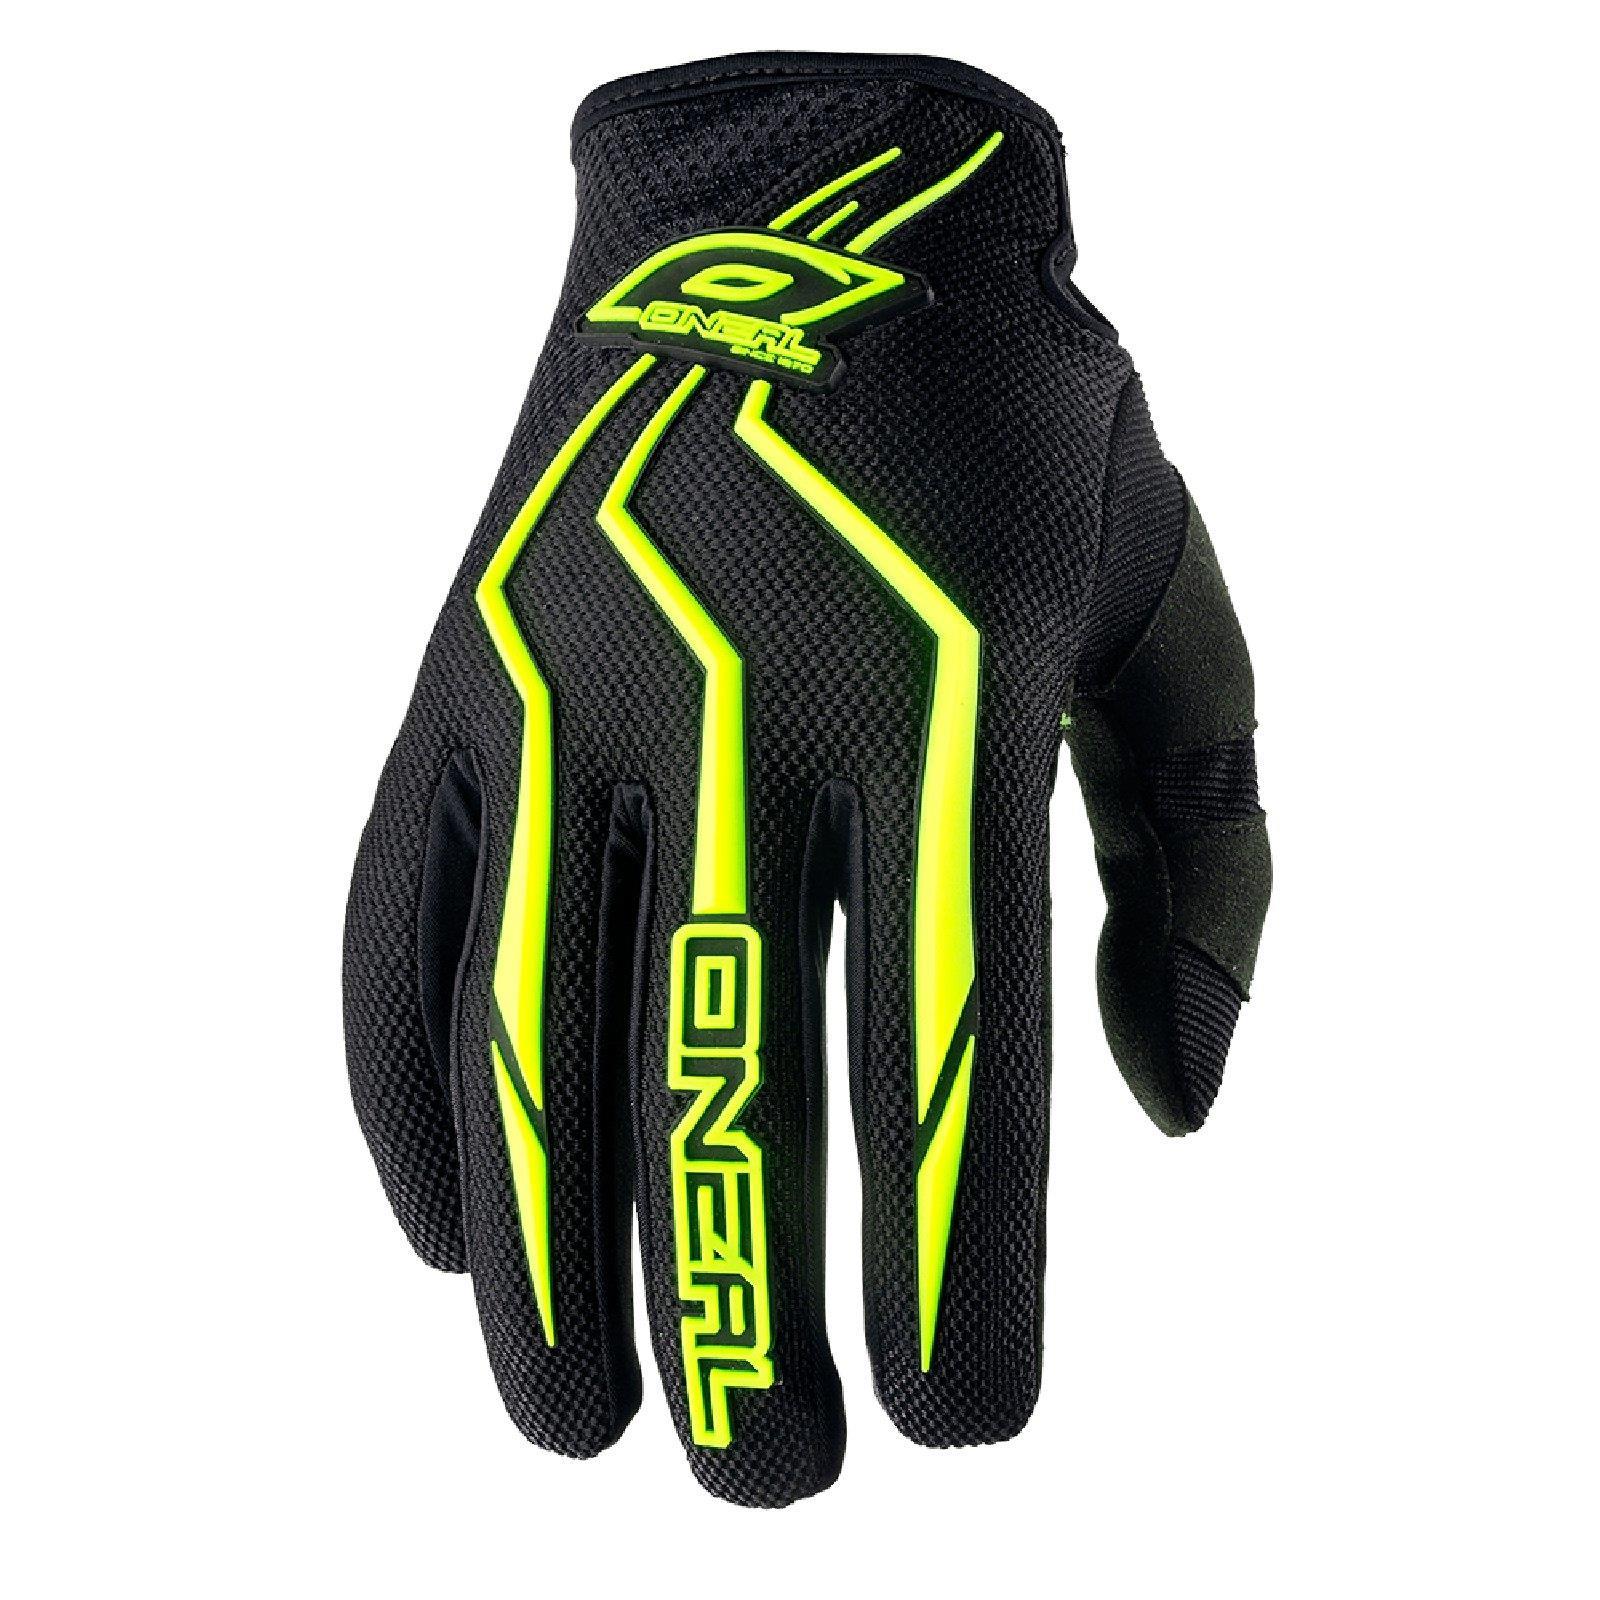 Oneal-elemento-MX-guantes-motocross-SX-enduro-Cross-moto-todo-terreno-todoterreno miniatura 10